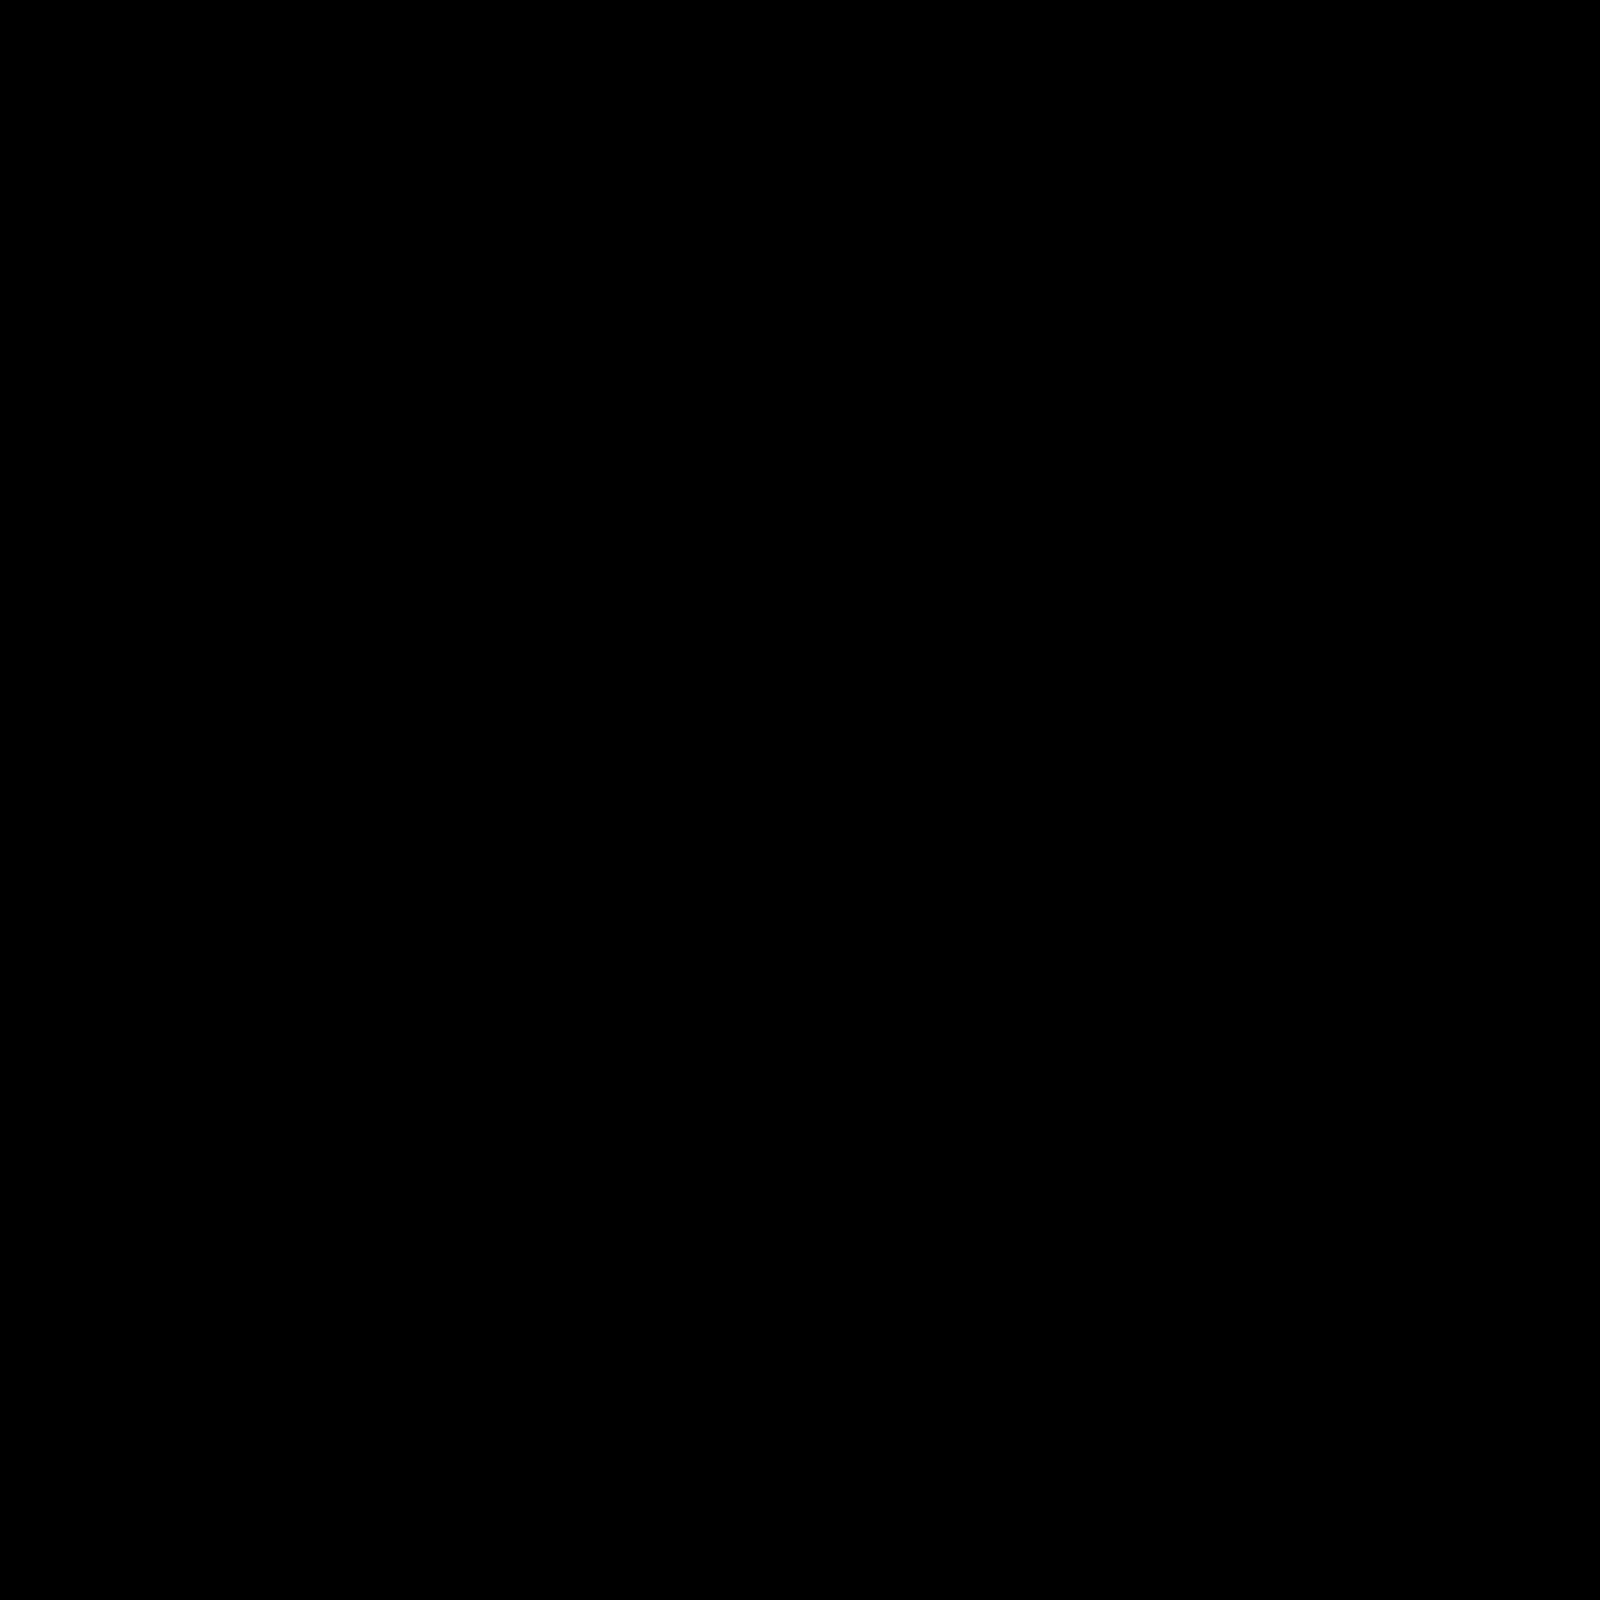 Pliki diff icon